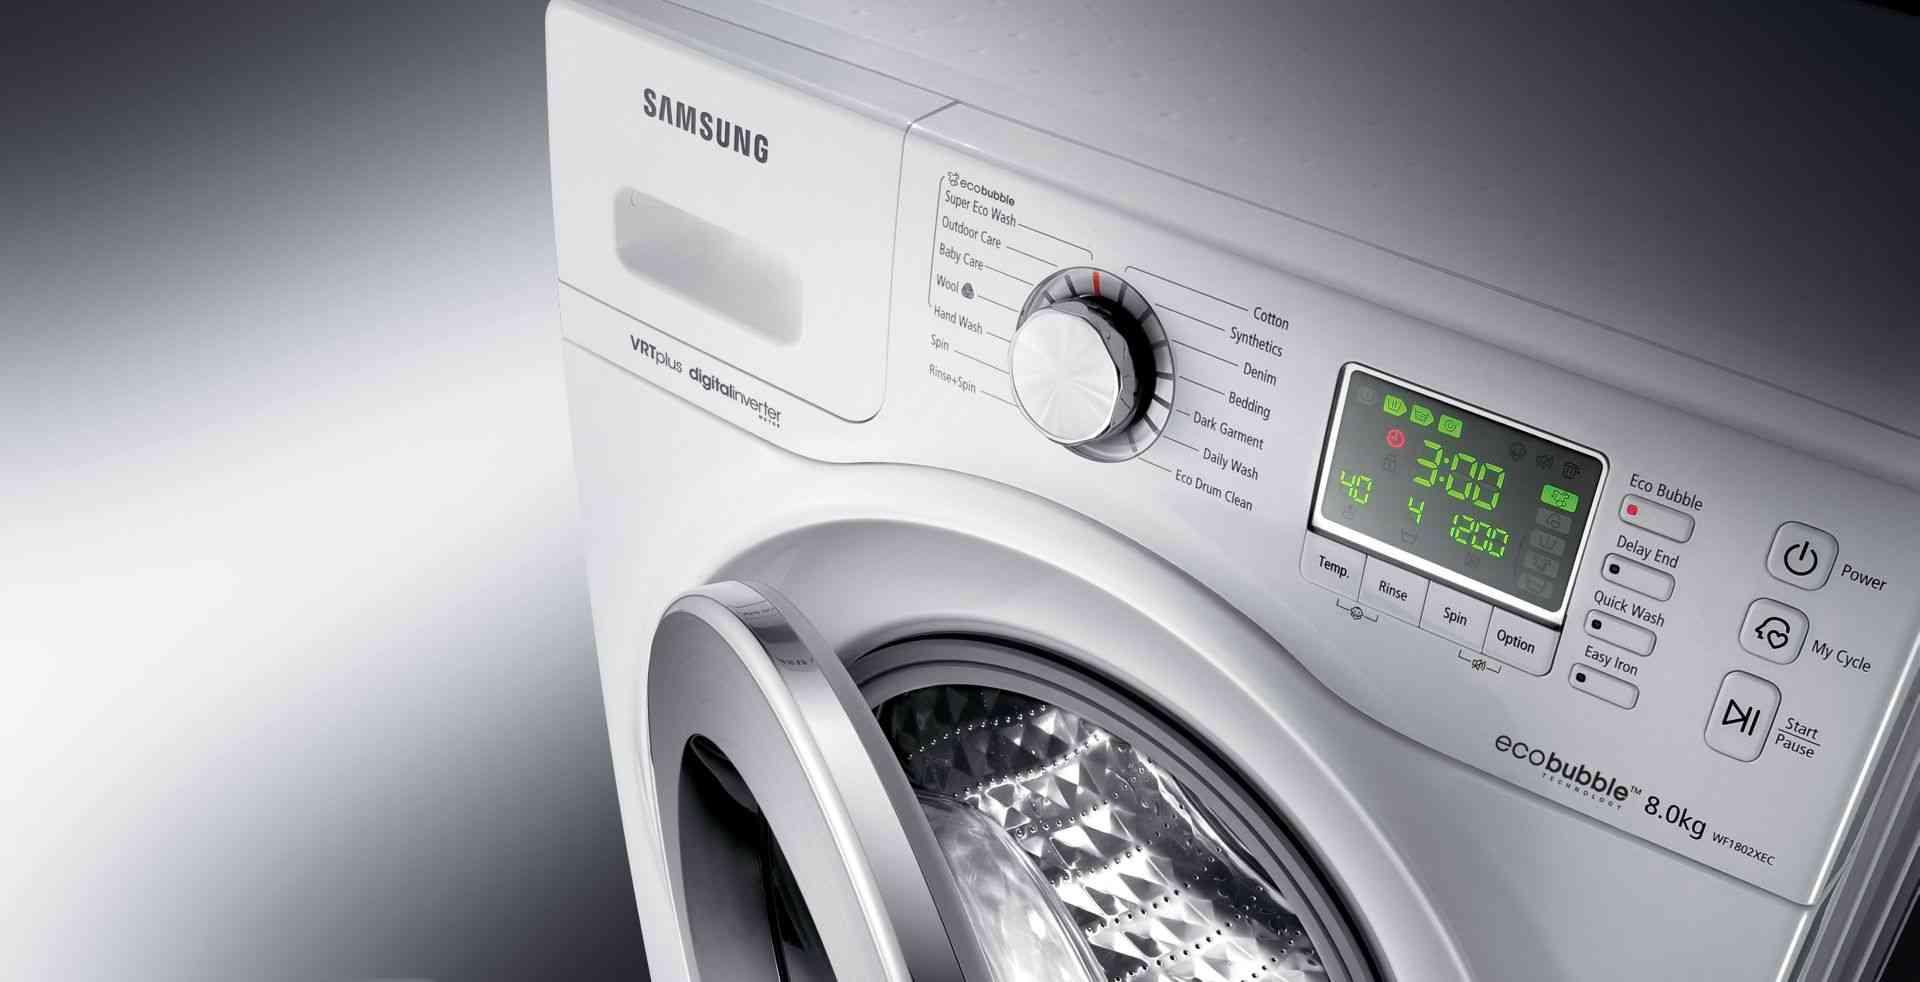 Sistema de lavado - samsung ecobubble, sistemas de lavado